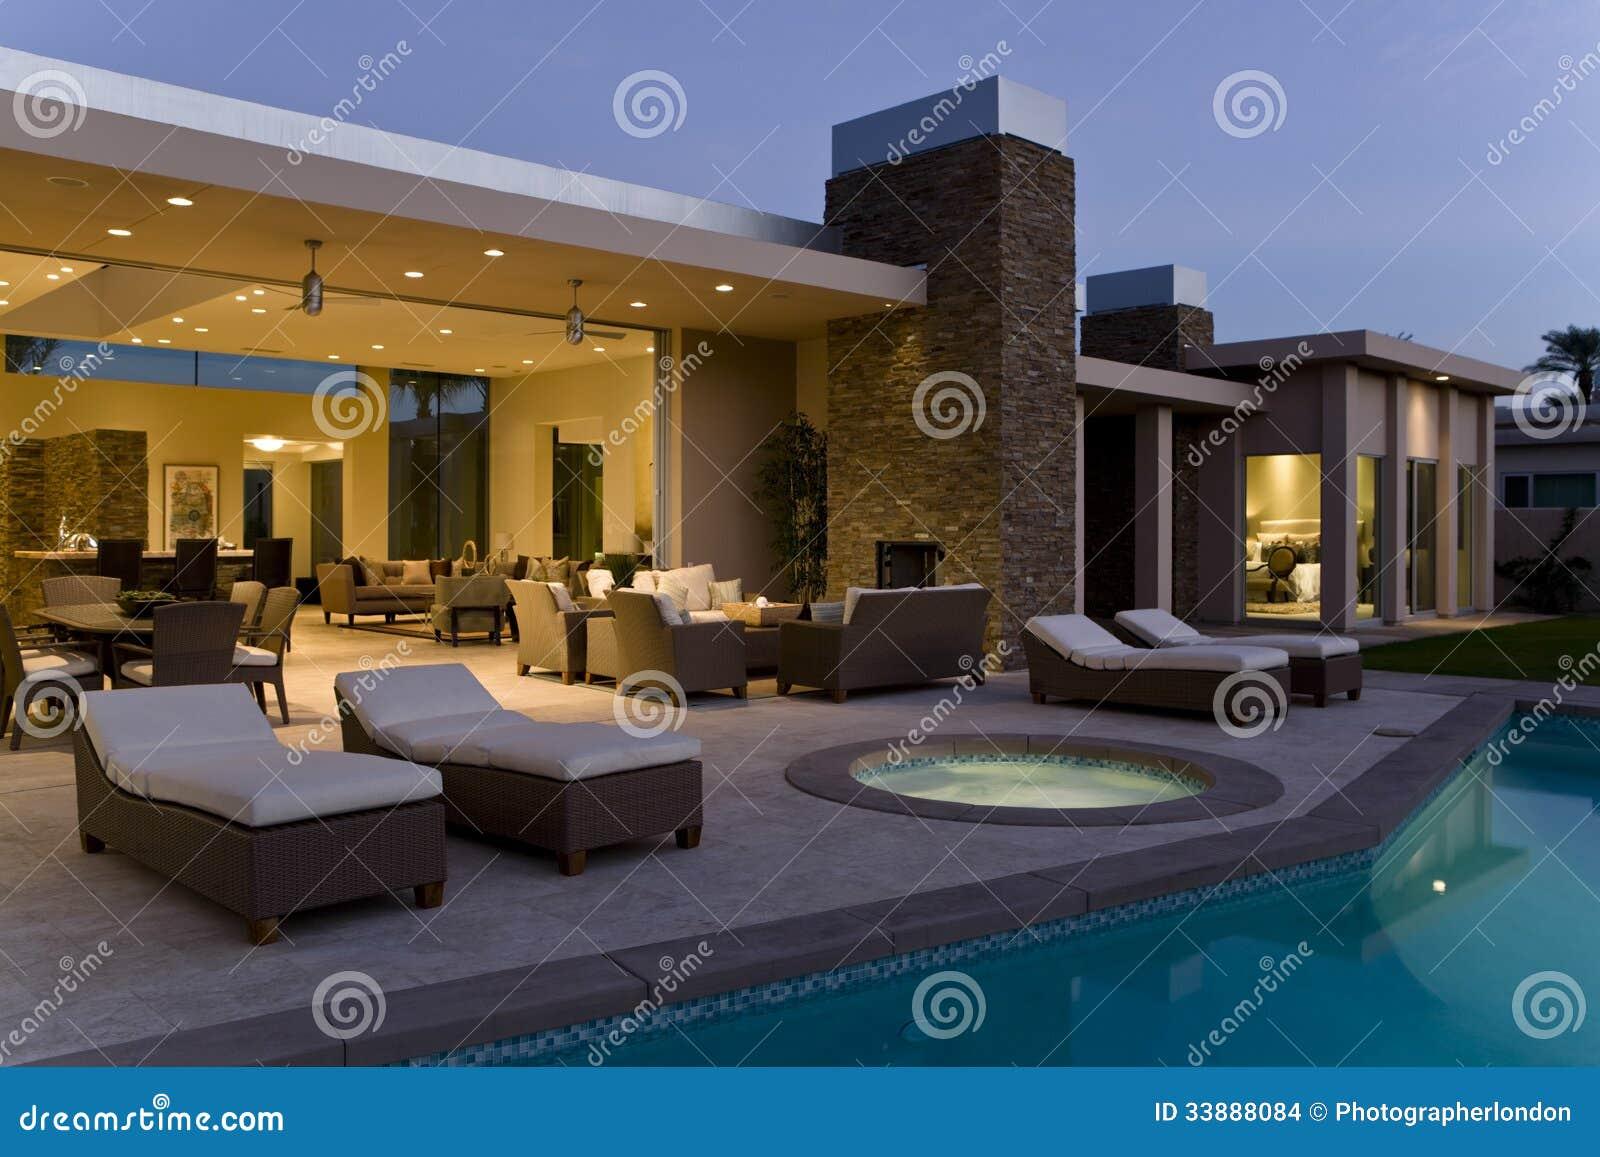 Camera con Sunloungers sul patio dallo stagno al crepuscolo